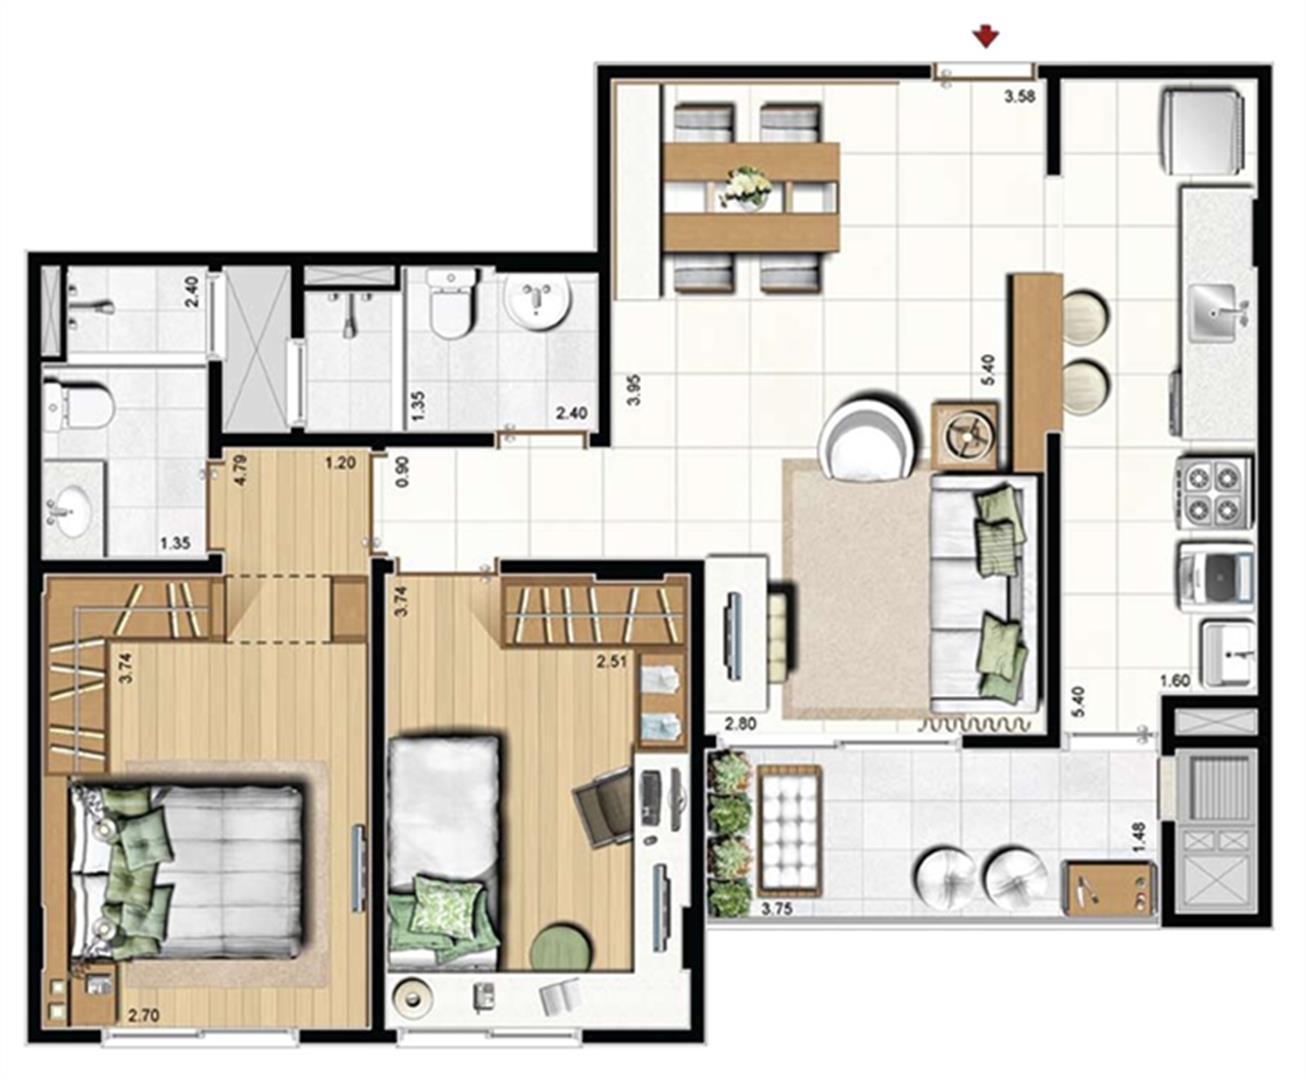 Opção living estendido - 71 m² privativos - Torres Aquamar, Altavista e Ultramare | Cennario Santa Catarina – Apartamento na  Praia Comprida - São José - Santa Catarina